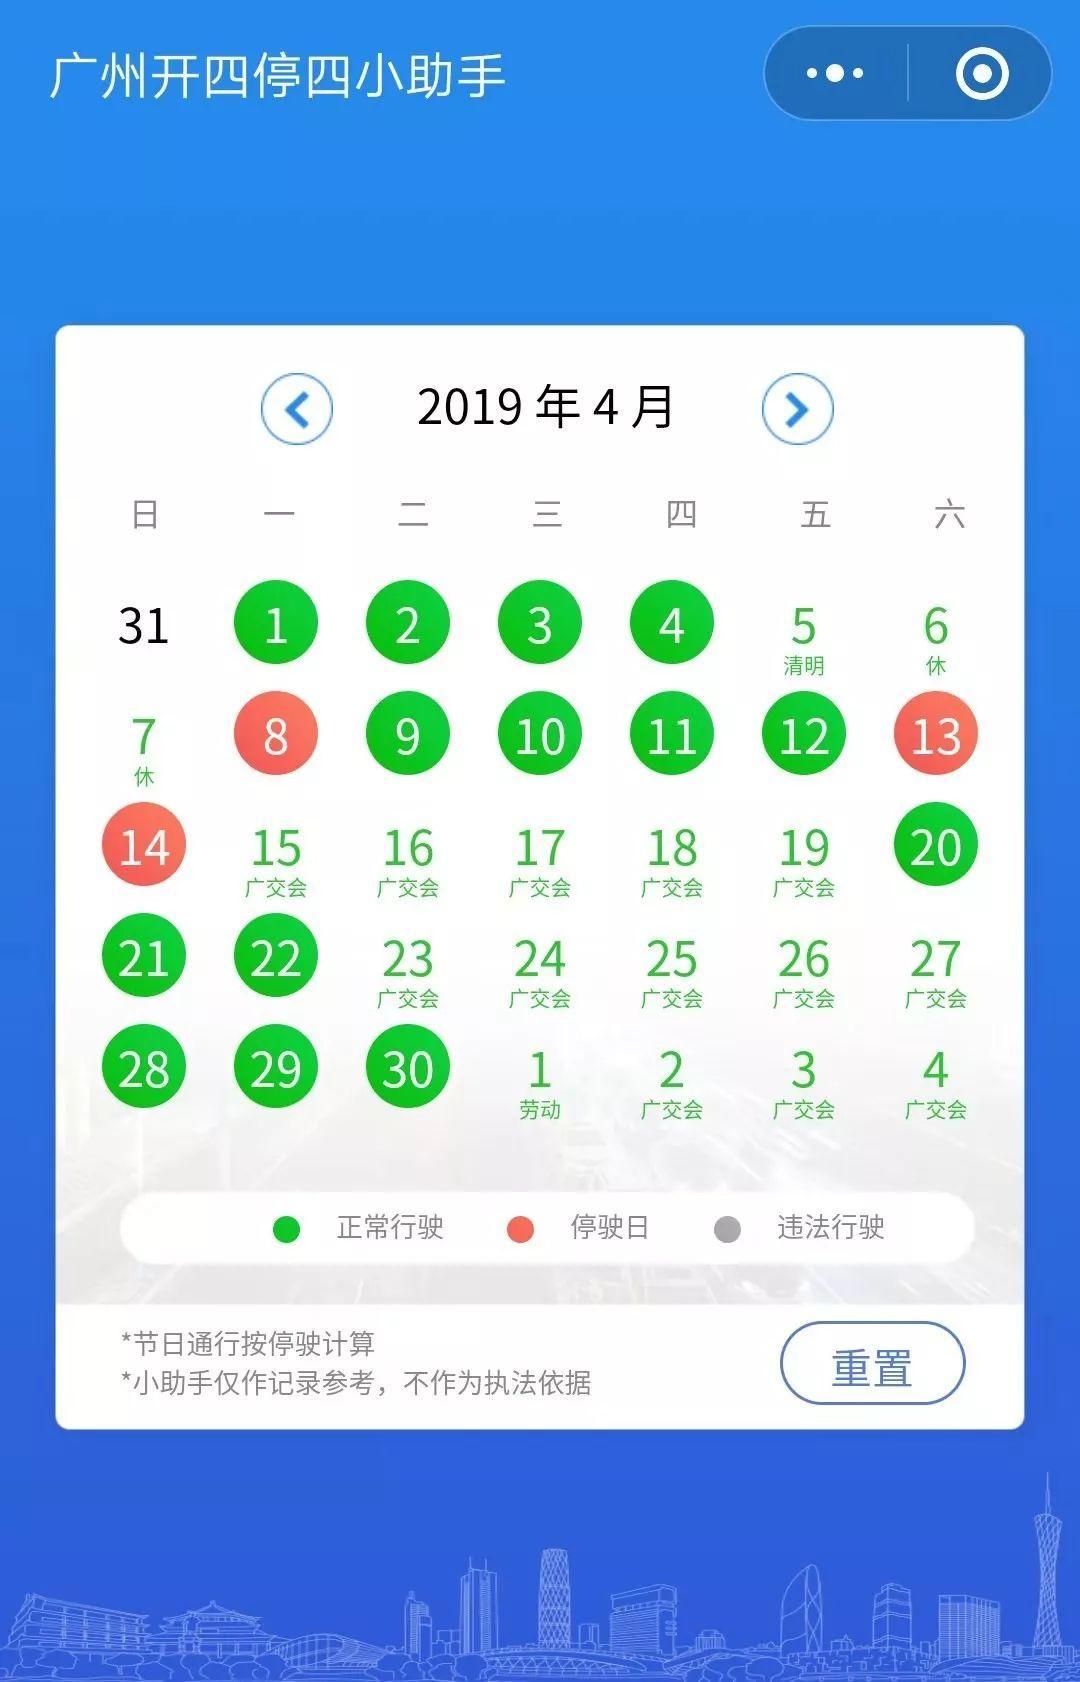 2019年4月广州限行吗?广州4月限行时间一览